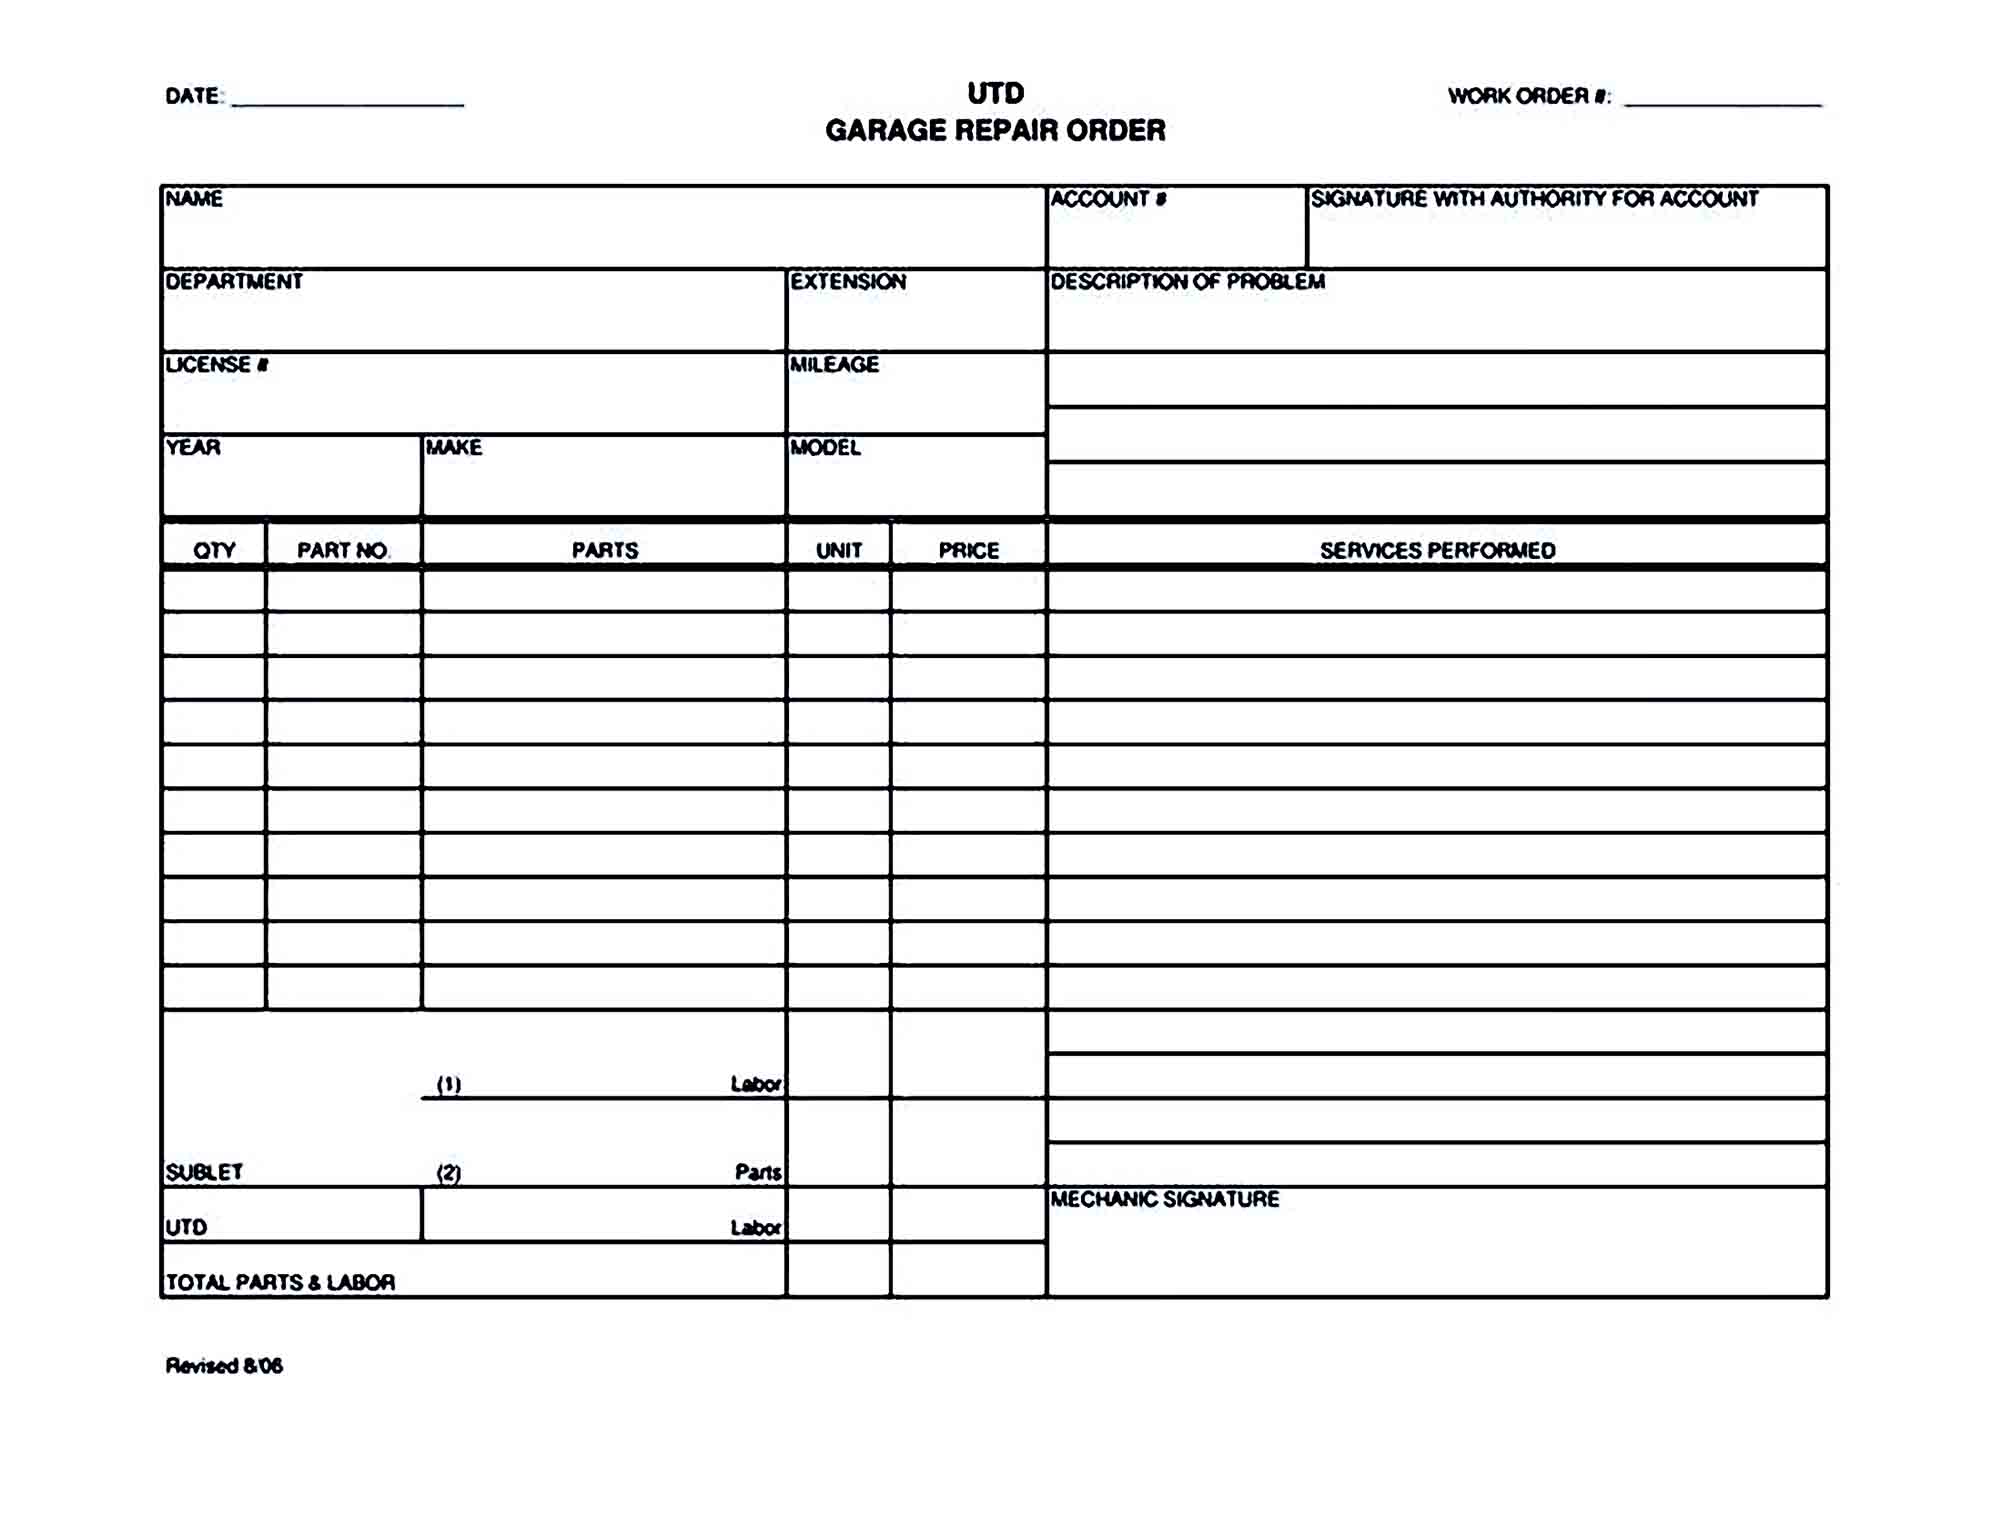 Sample garage repair order form 1 788x609 1